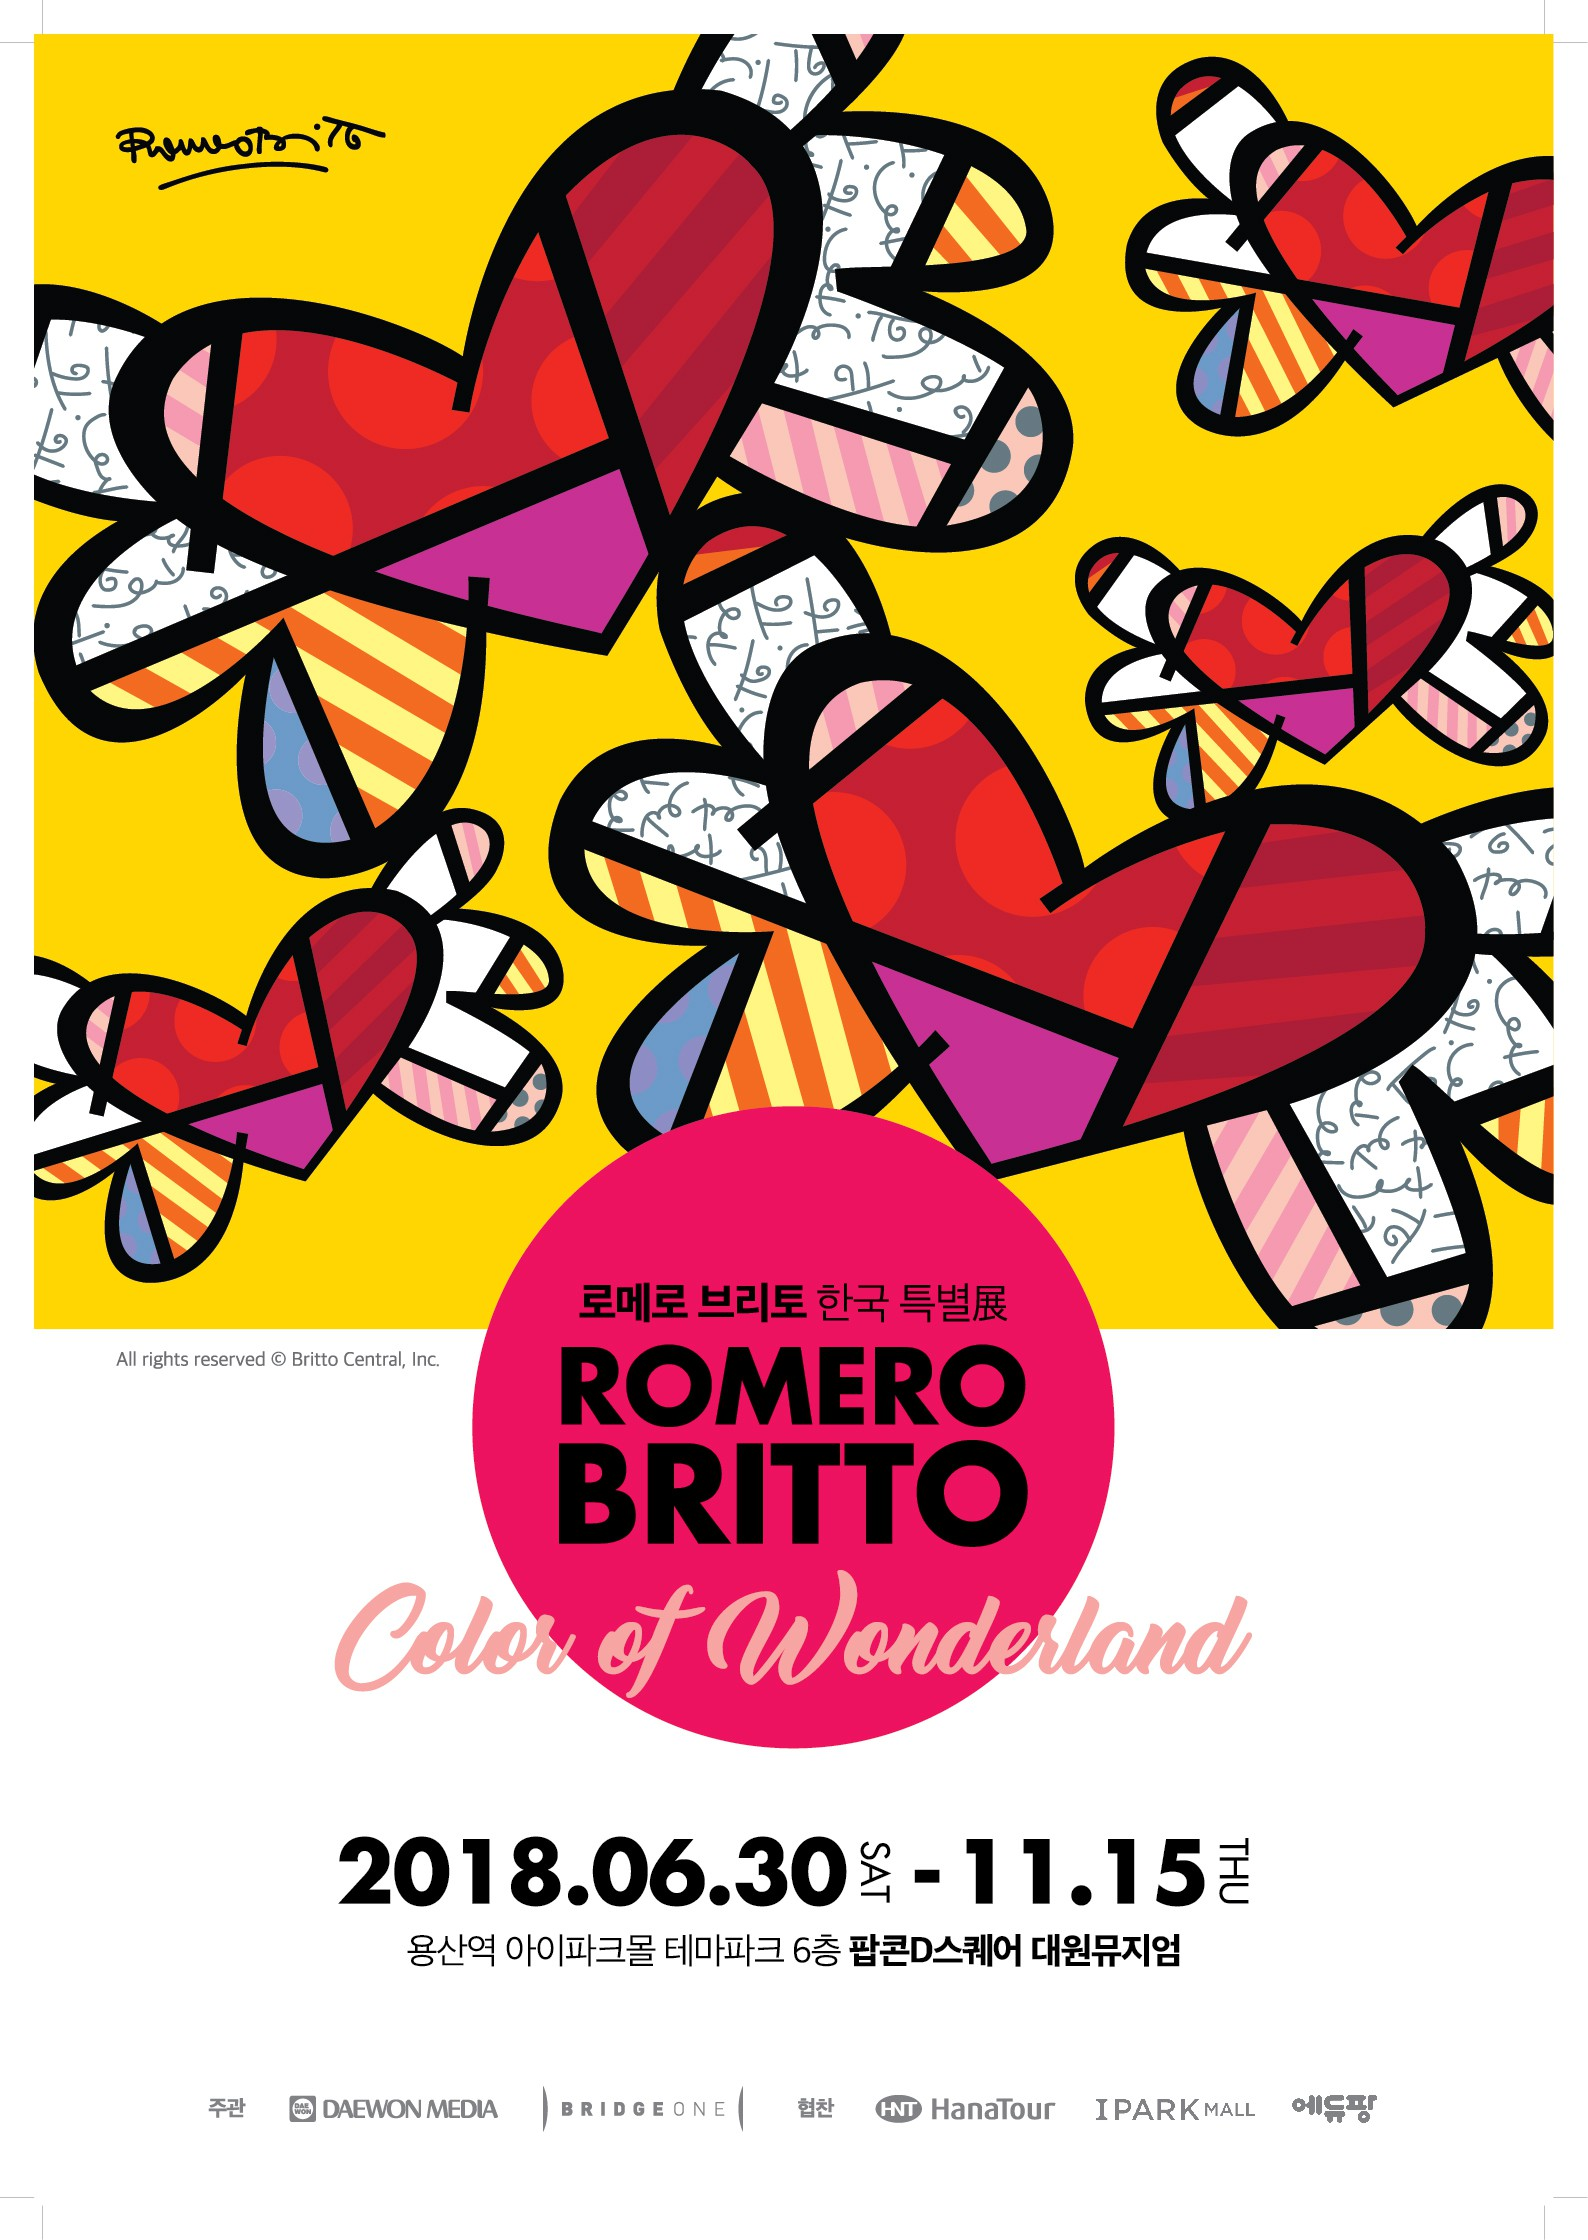 [전시] 대원미디어, 팝아티스트 '로메로 브리토'의 한국 특별展 개최